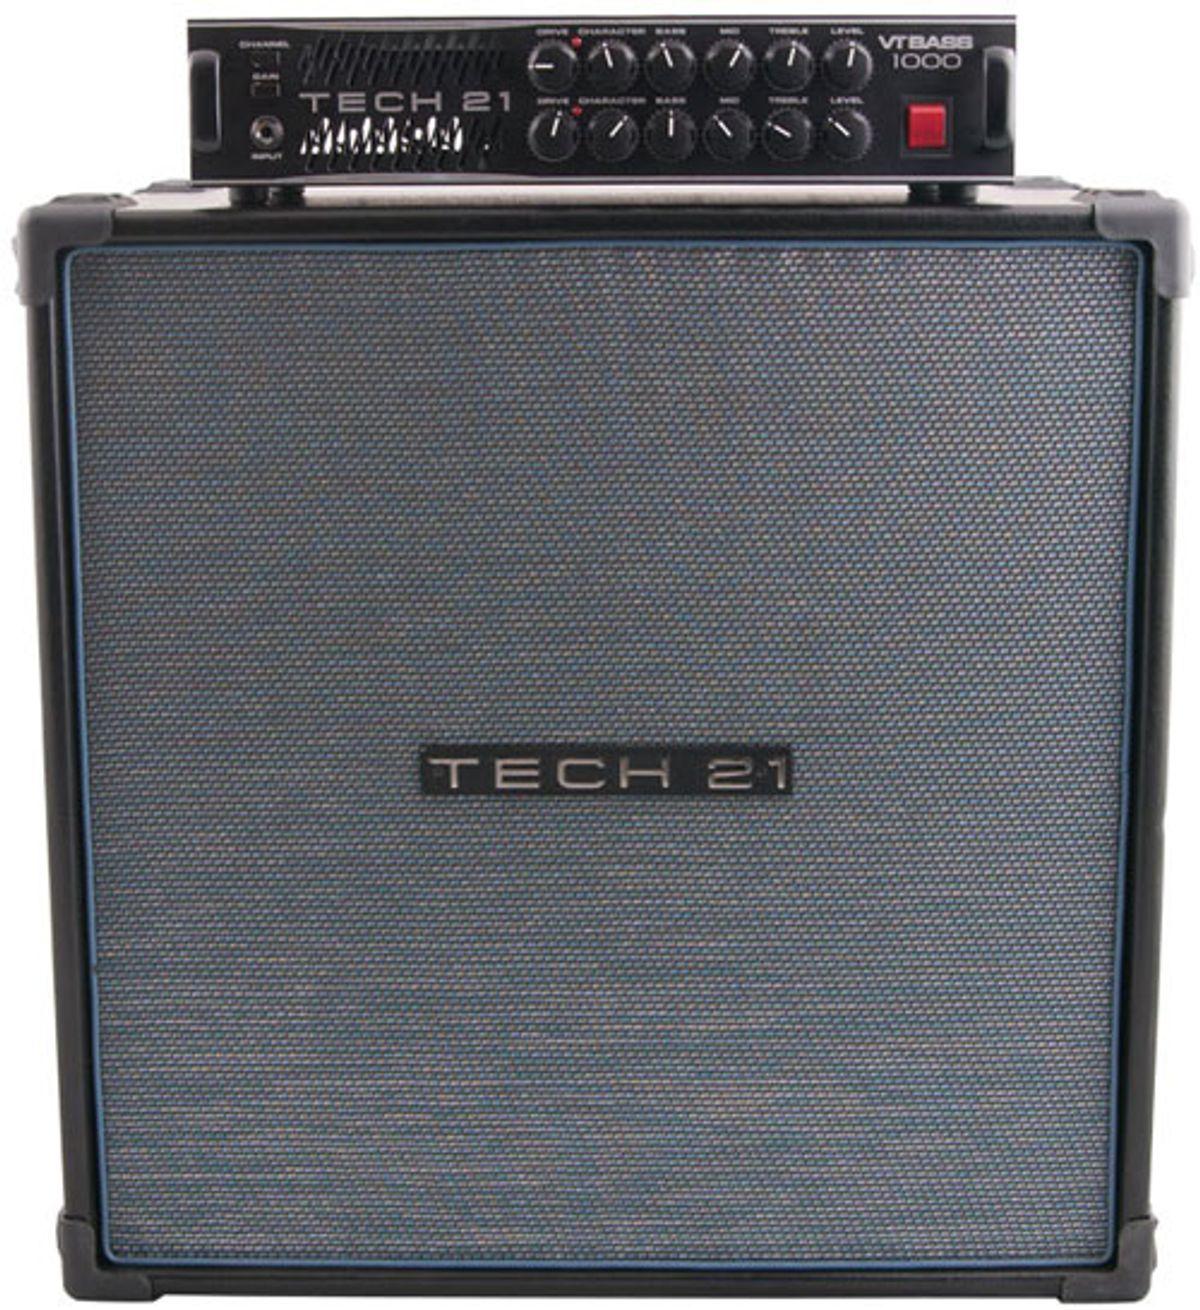 Tech 21 VT Bass 1000 & B410-VT Bass Rig Review